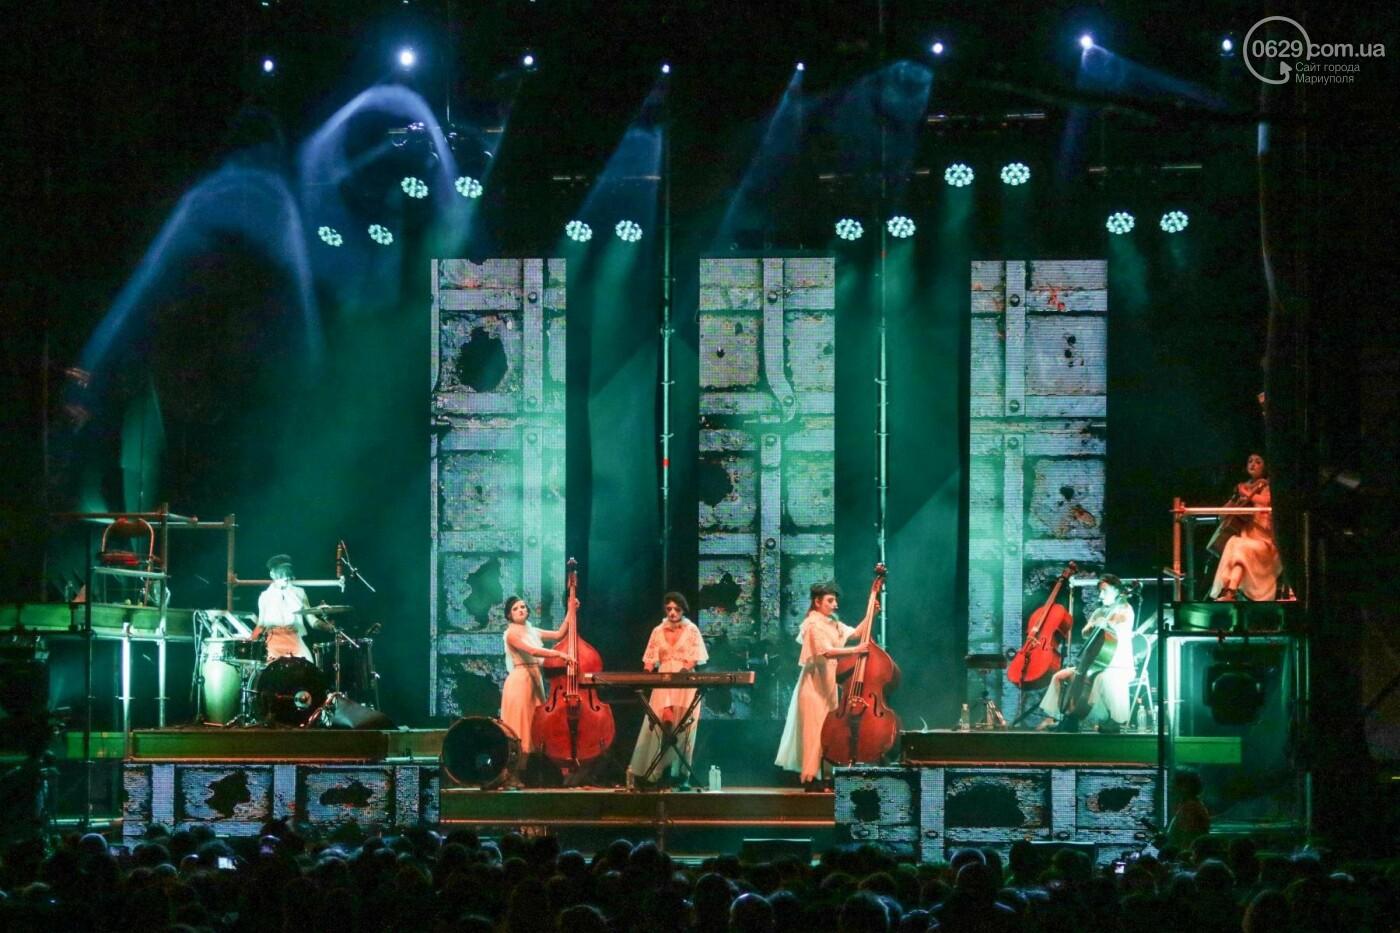 Концерт Dakh Daughters в Городском саду: фееричное открытие ГогольFesta в Мариуполе (ФОТОРЕПОРТАЖ, ВИДЕО), фото-4